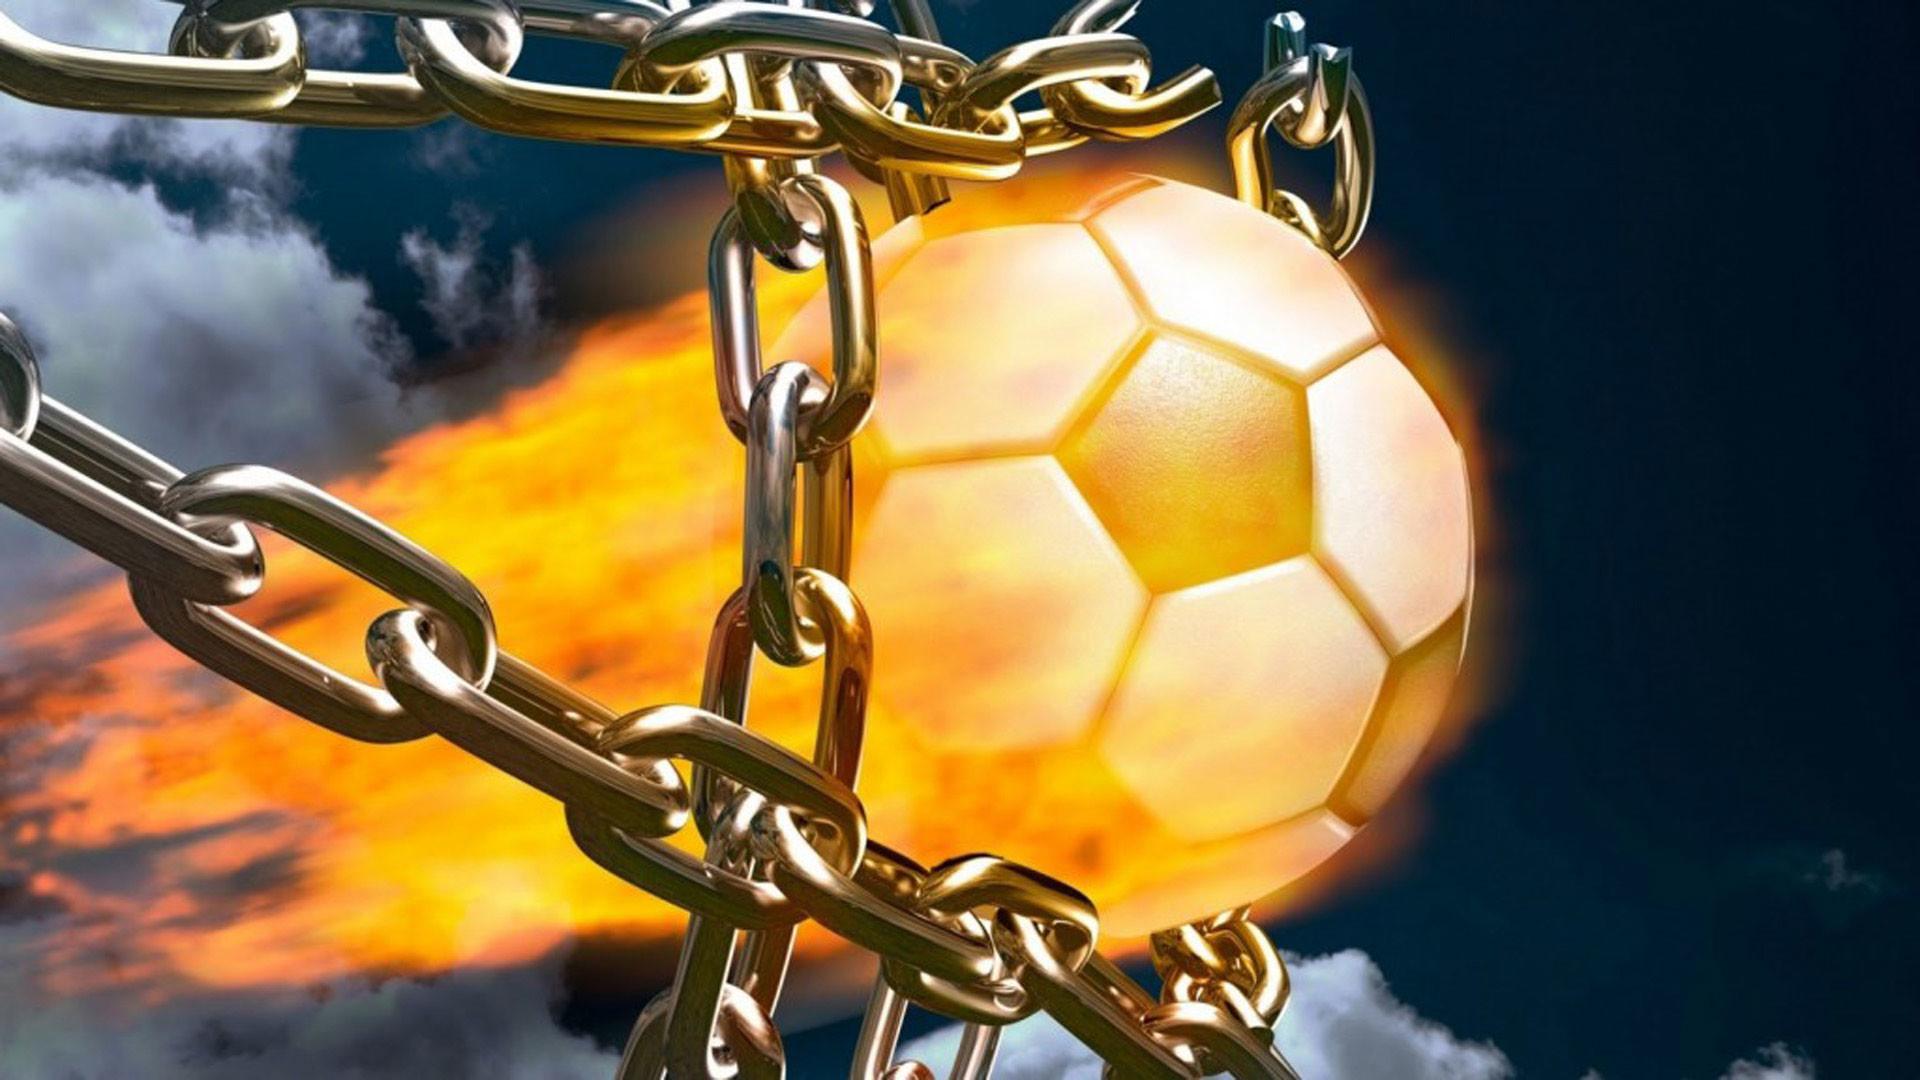 hd pics photos sports football on fire best desktop background wallpaper